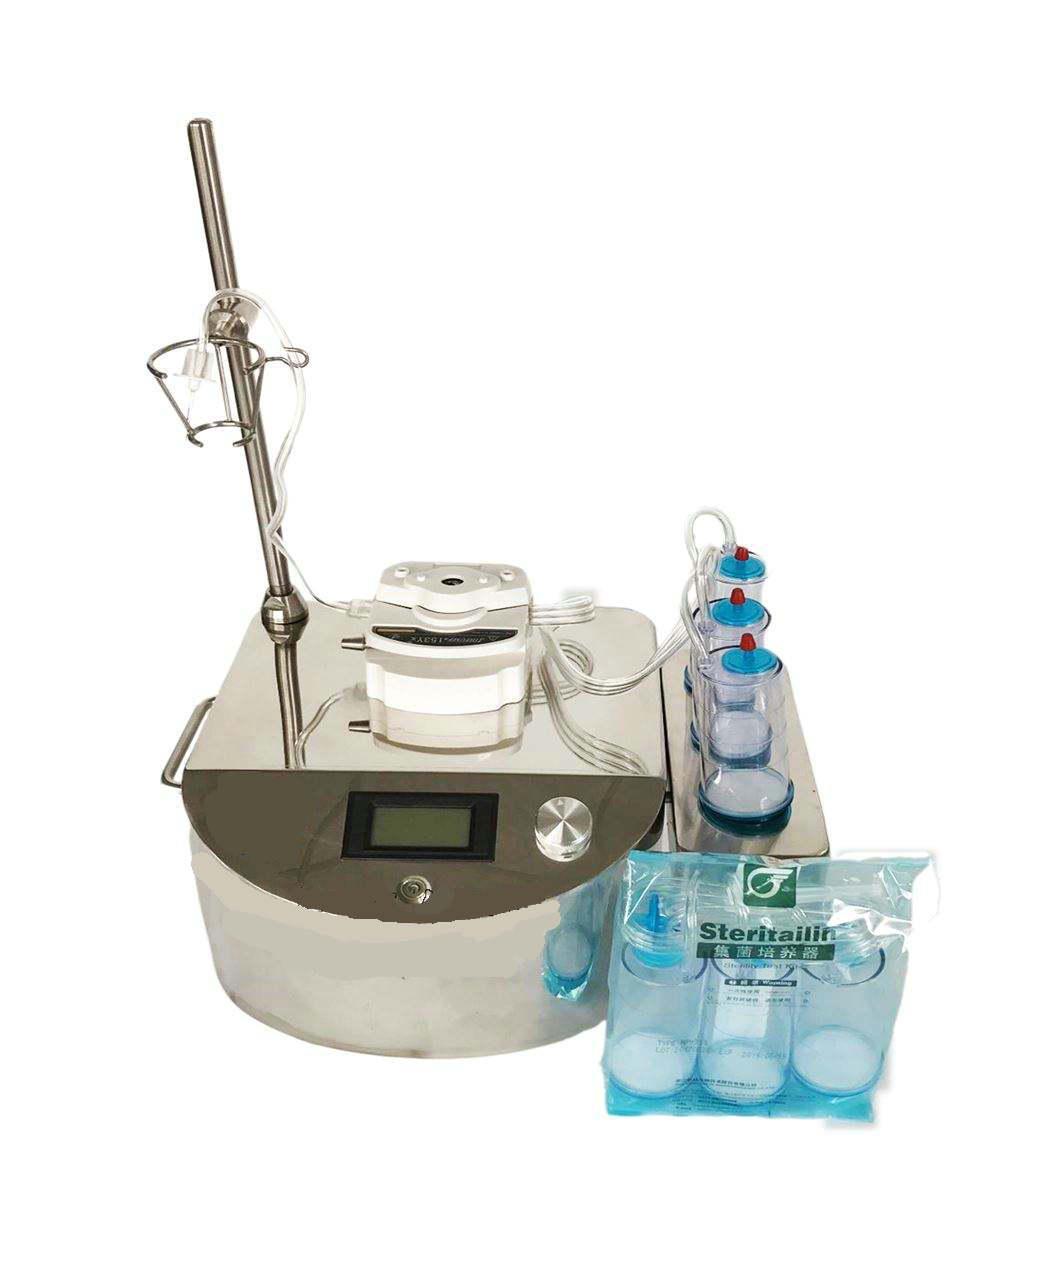 集菌仪过滤器